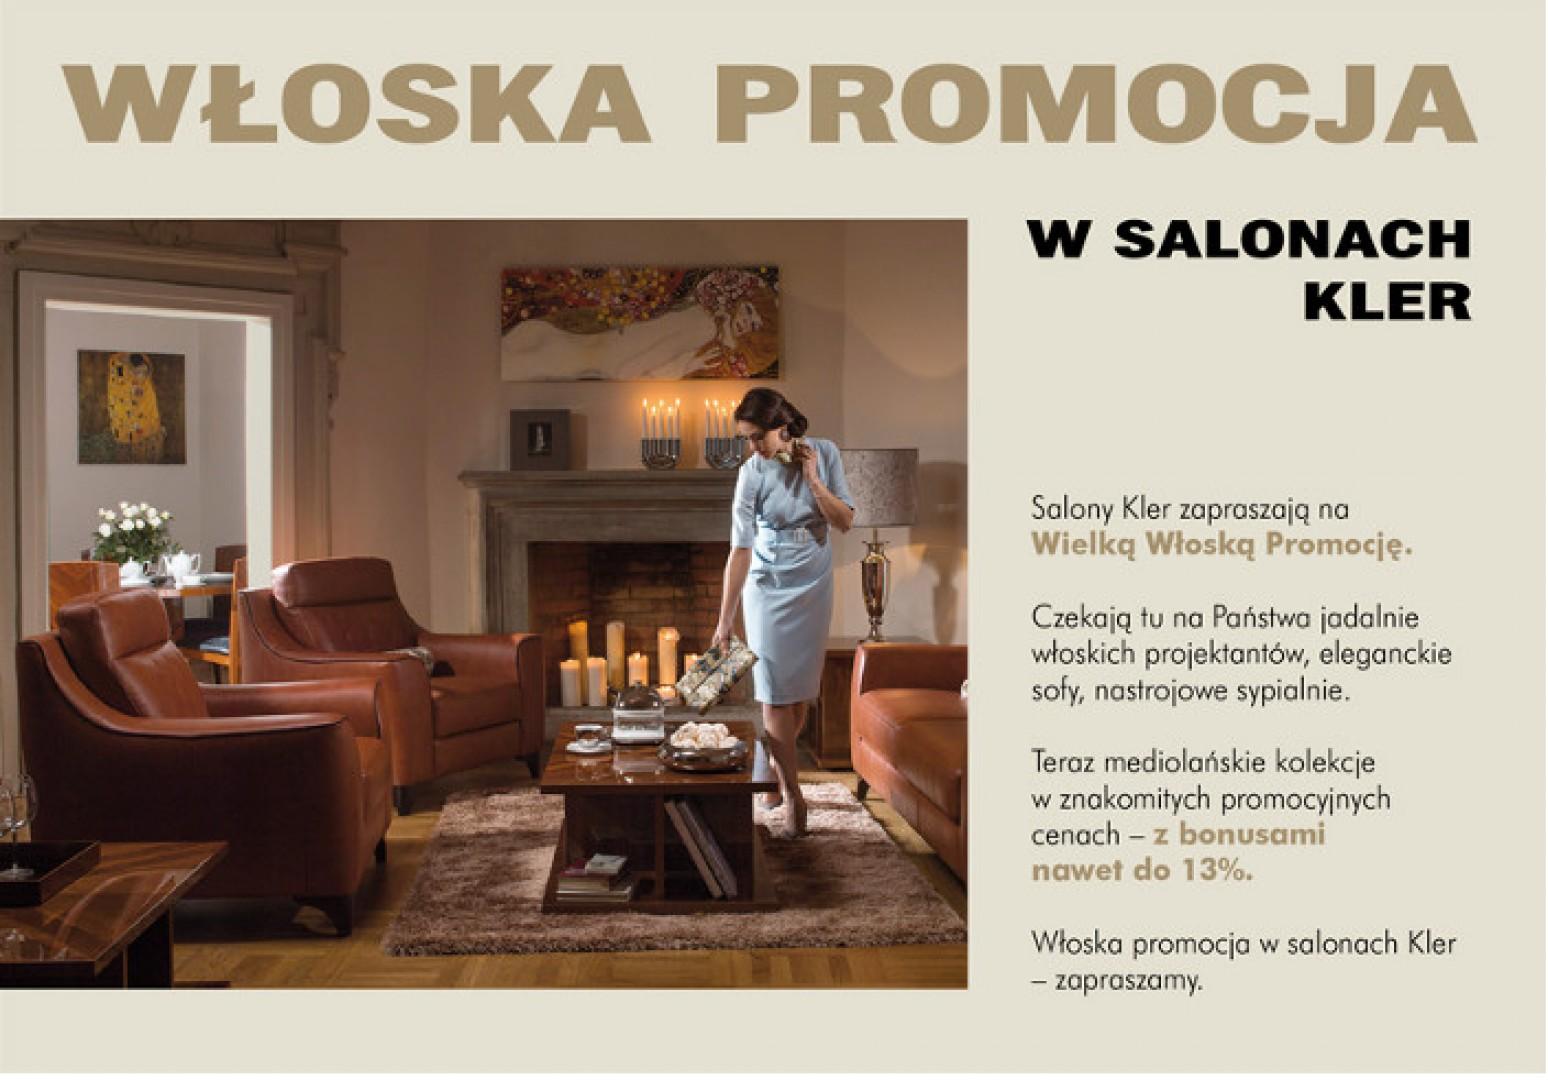 okazje w�oska promocja w salonach kler meblecompl